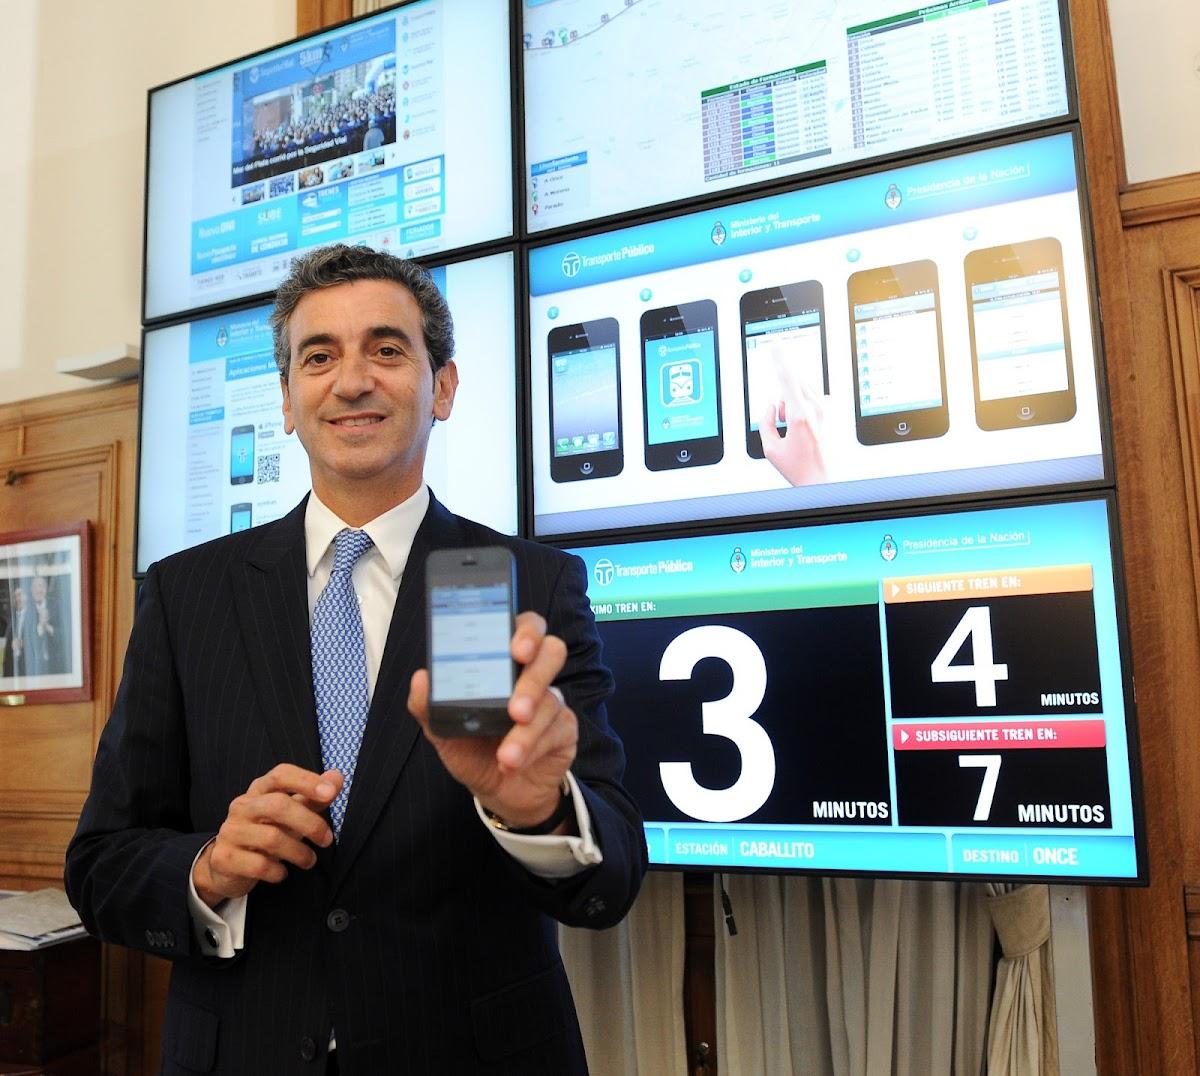 http://3.bp.blogspot.com/-FGSvvN1De-M/URGyr_TnI0I/AAAAAAAAZyo/oKBC8Hs5ZHA/s1200/Randazzo+-+El+nuevo+sistema+de+informaci%C3%B3n+de+la+l%C3%ADnea+Sarmiento+es+un+gran+beneficio+para+los+pasajeros.jpg